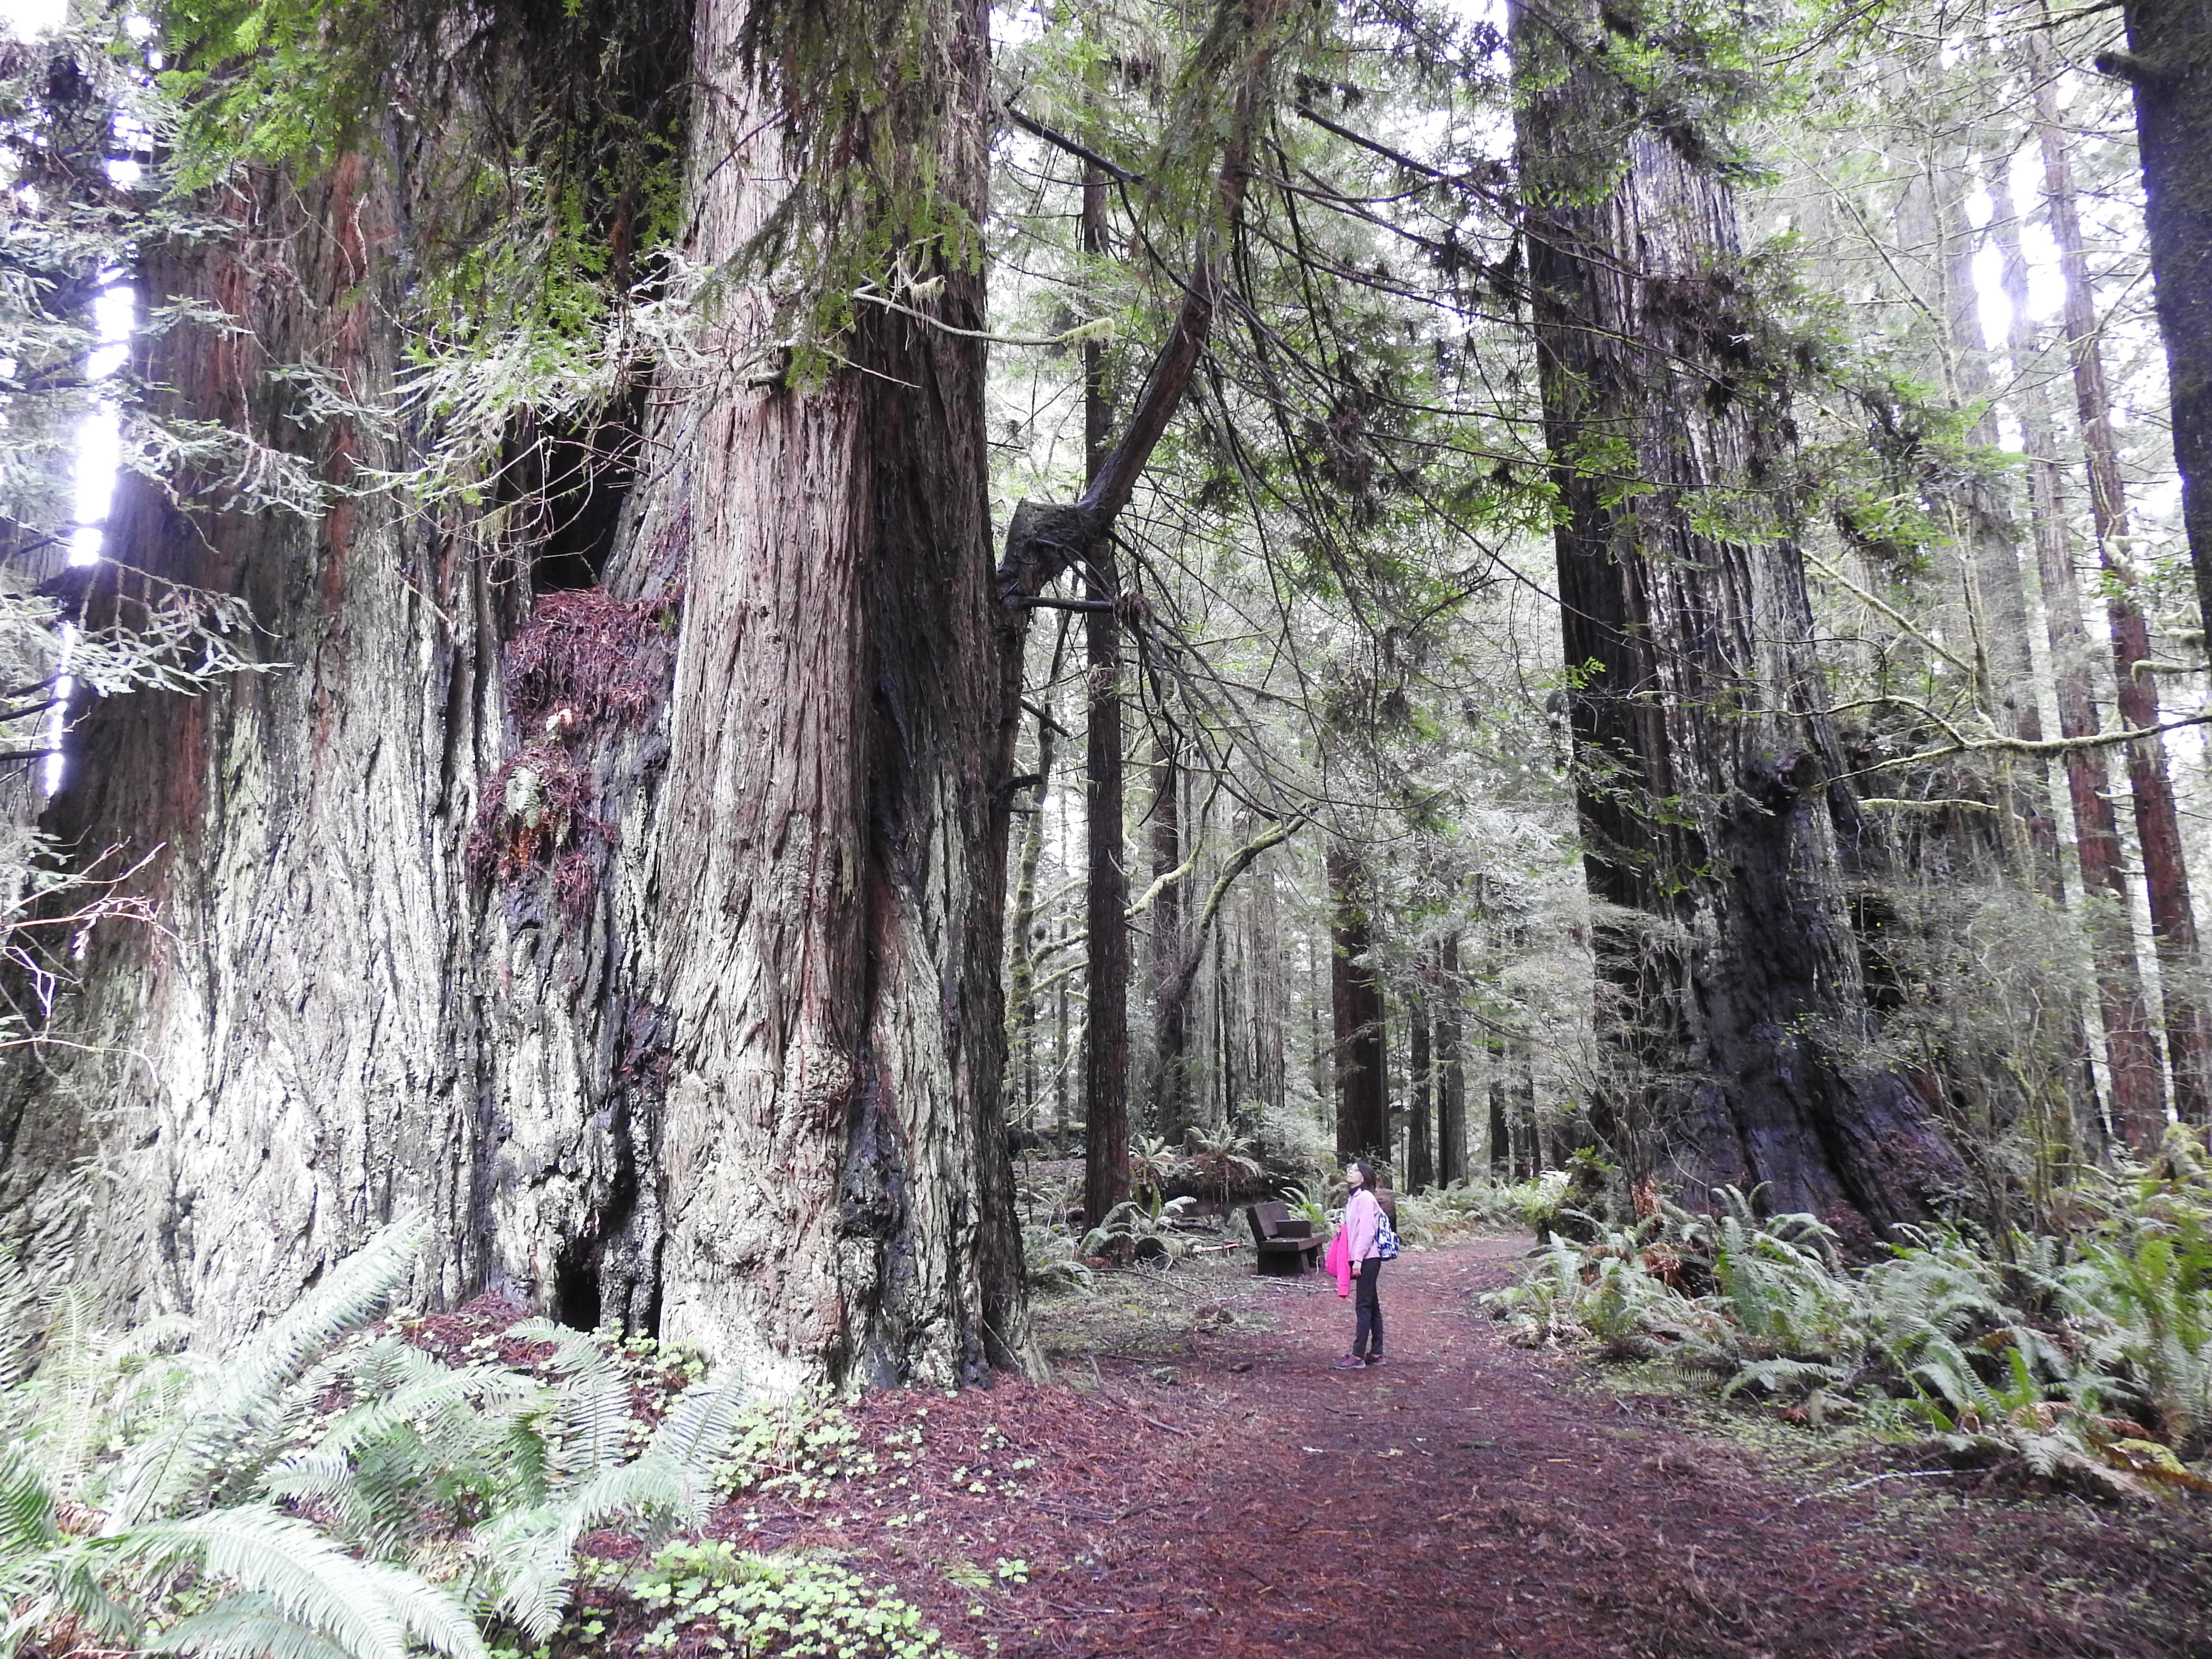 紅木國家公園的紅杉高達一百公尺